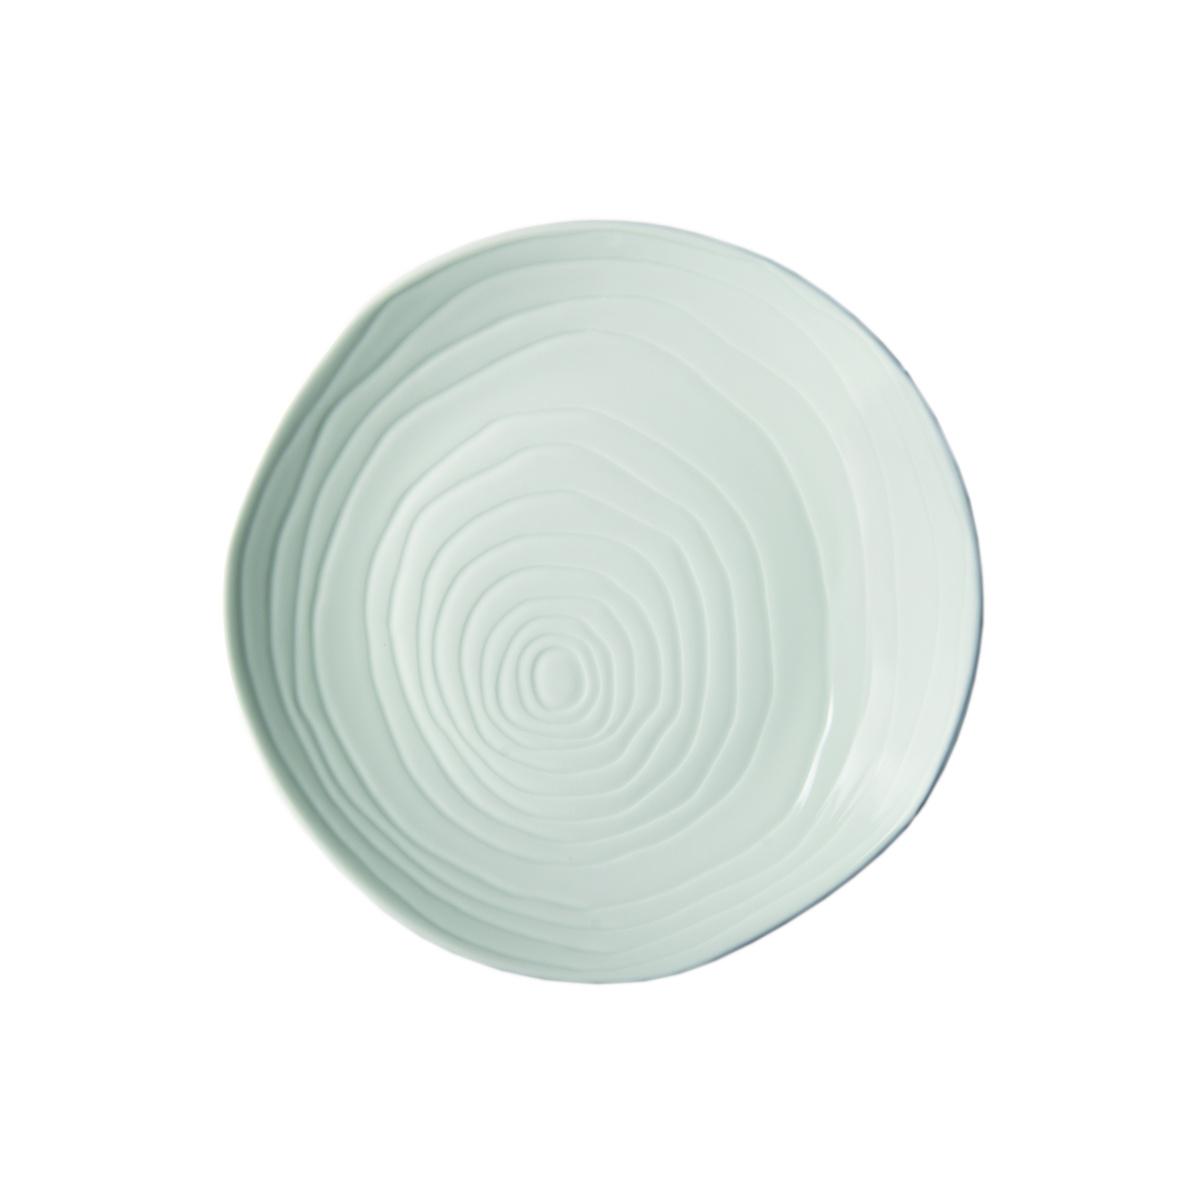 Assiette coupe plate ronde blanc porcelaine Ø 21 cm Teck Pillivuyt